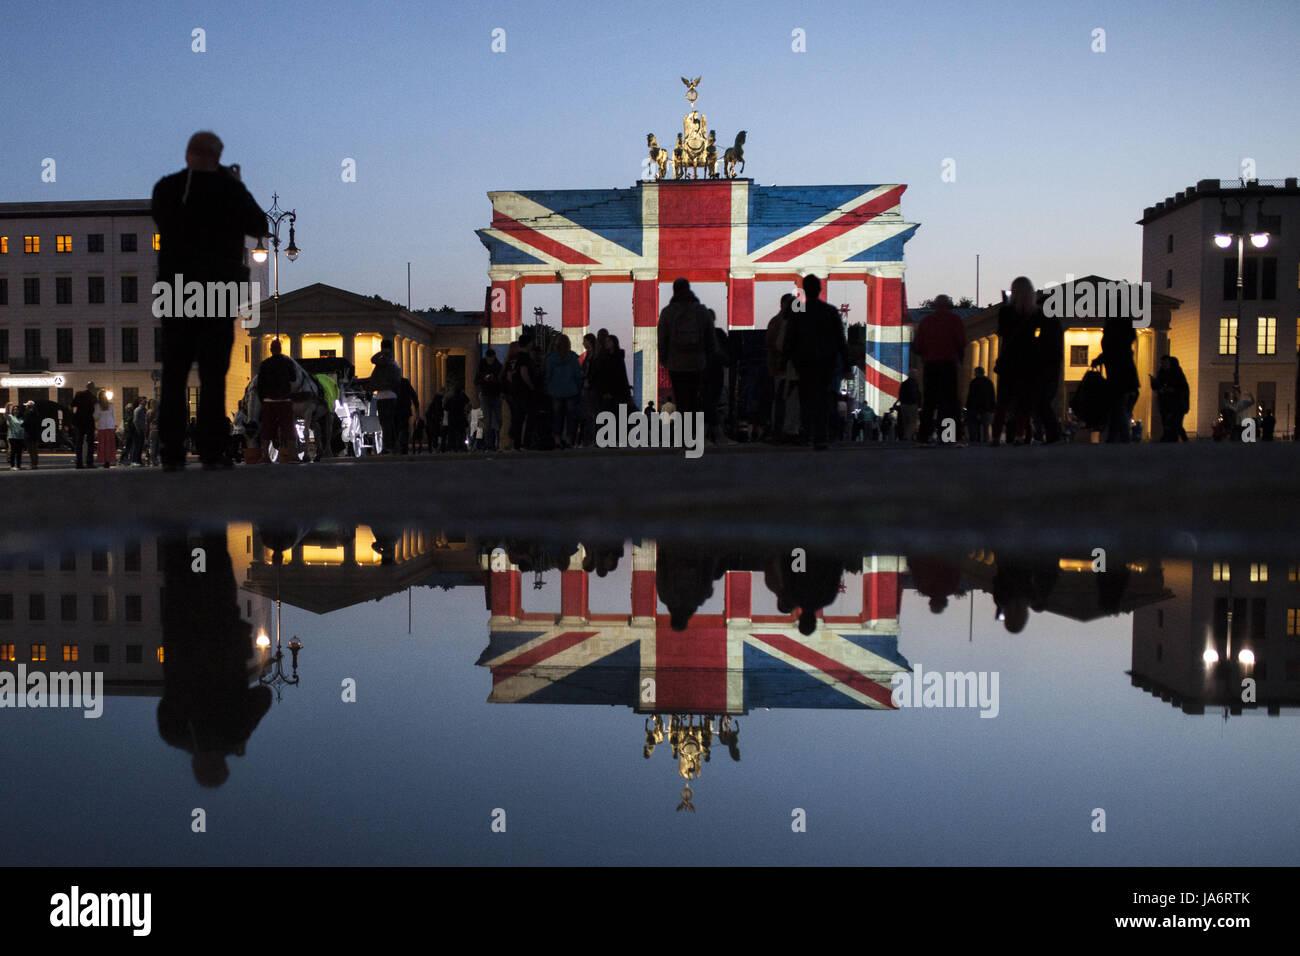 Berlín, Alemania. El 4 de junio, 2017. La Puerta de Brandenburgo se ve iluminado con los colores de la bandera Imagen De Stock